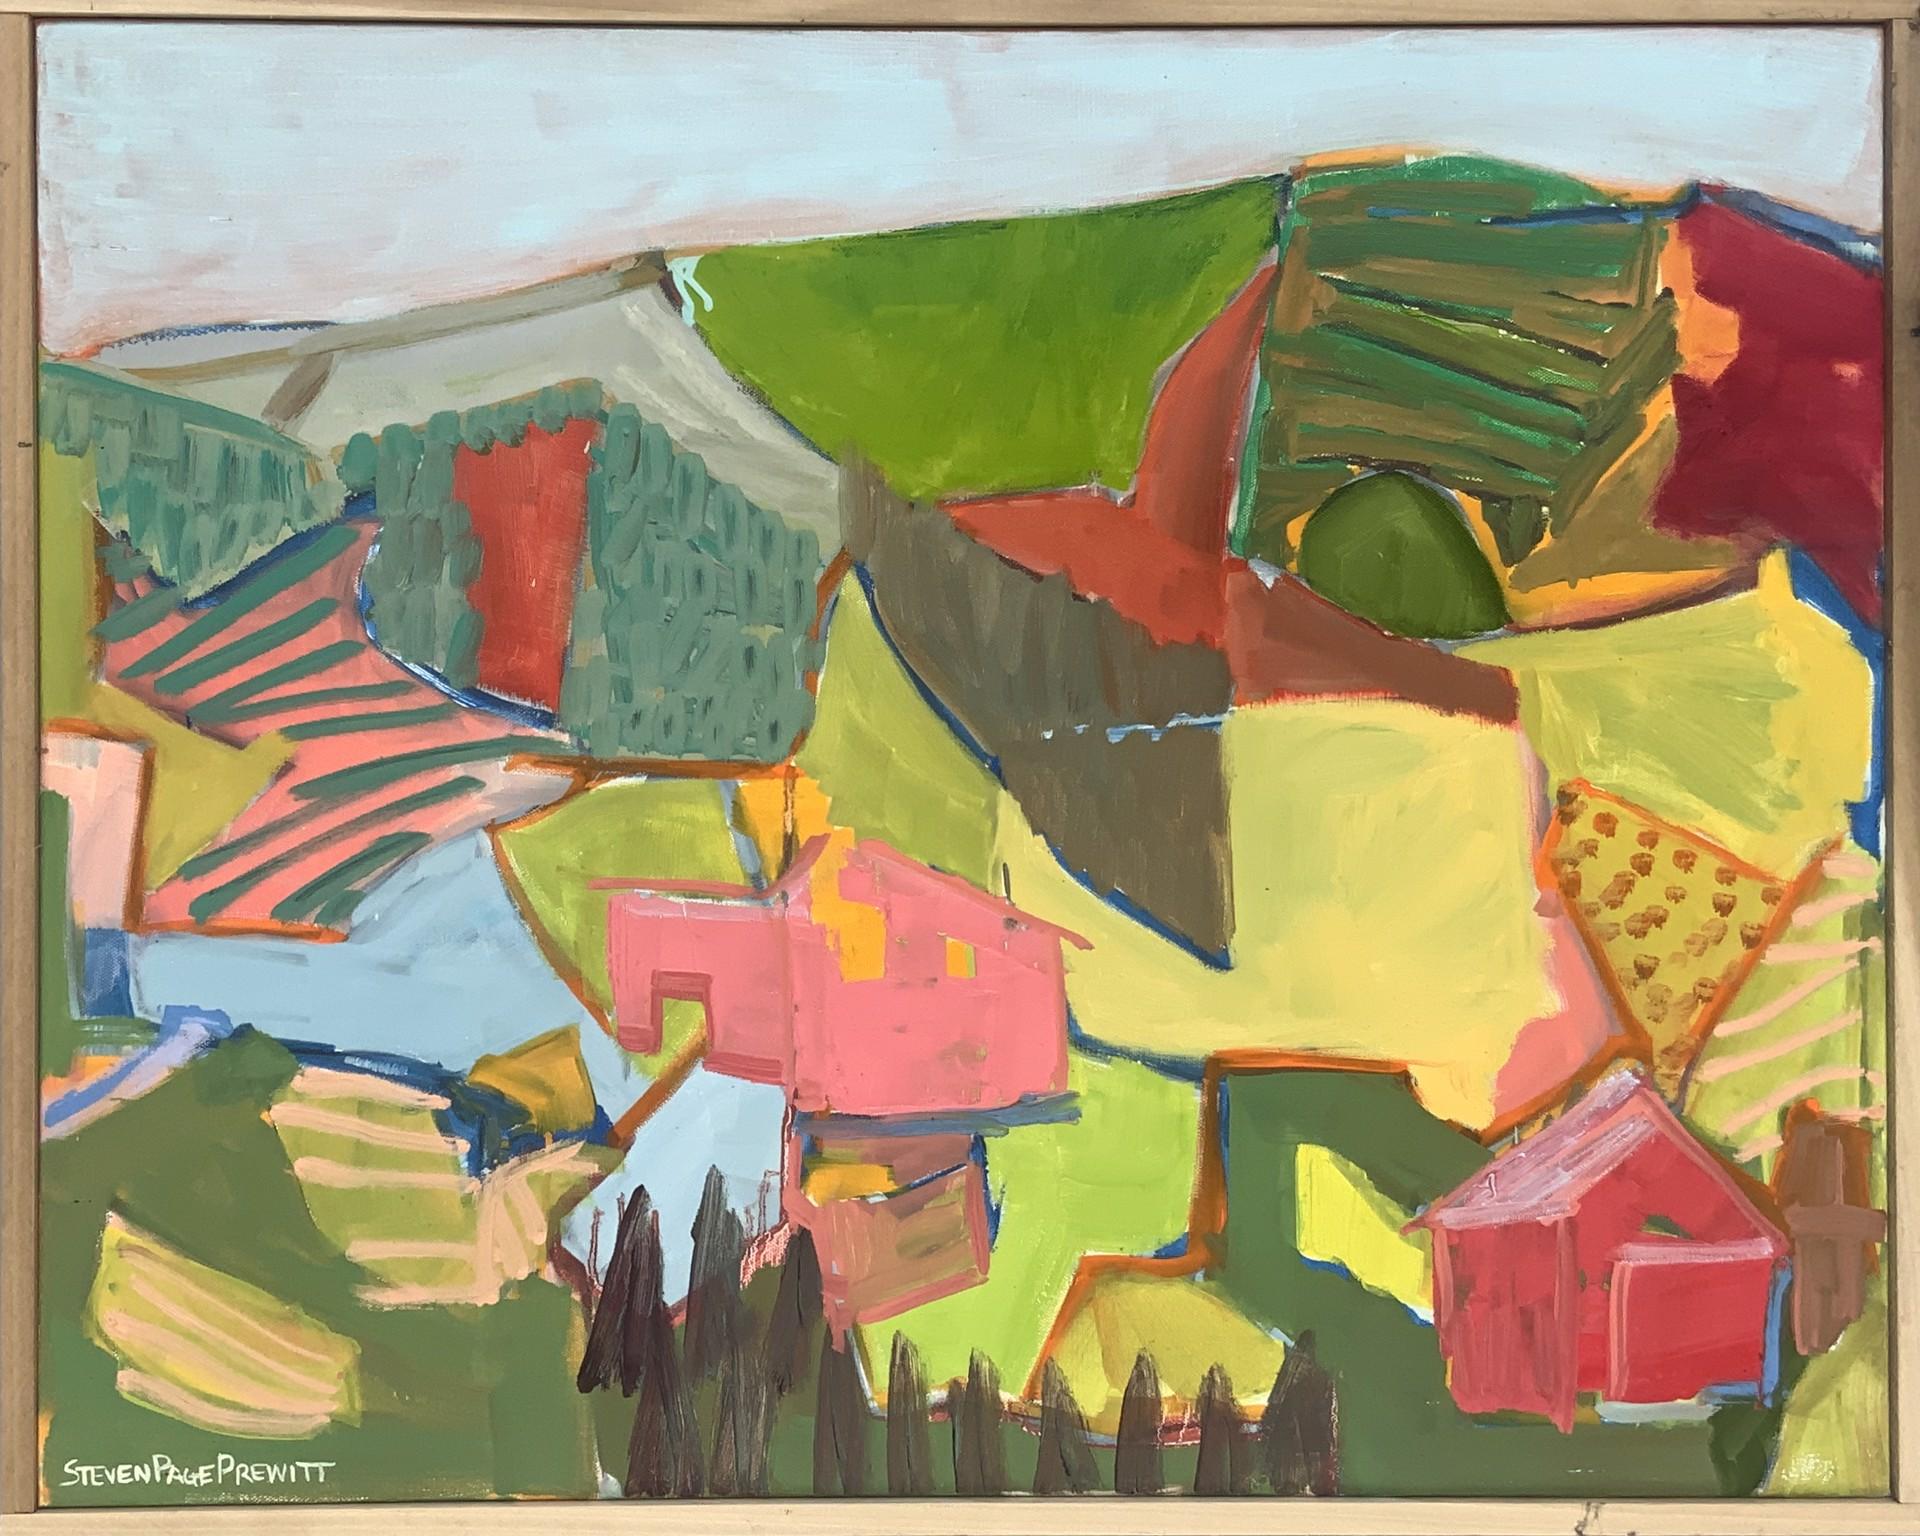 Area 828 Tree Farm by stevenpage prewitt